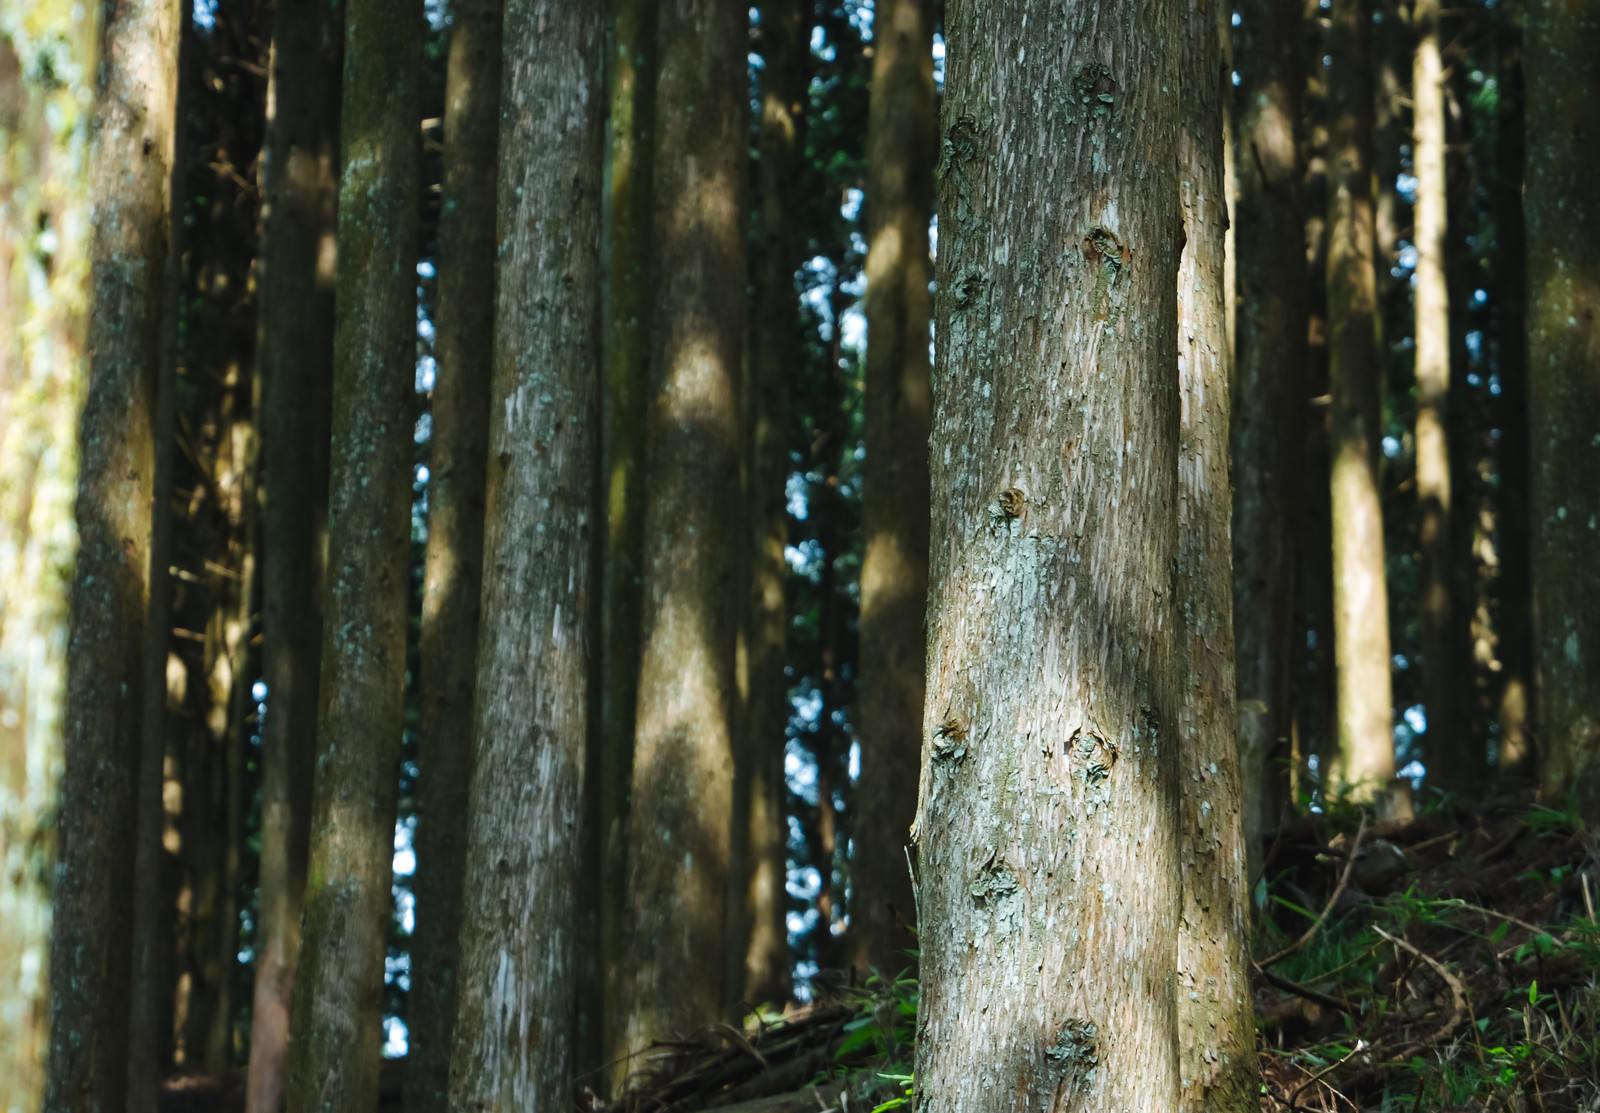 「植林された杉の木植林された杉の木」のフリー写真素材を拡大